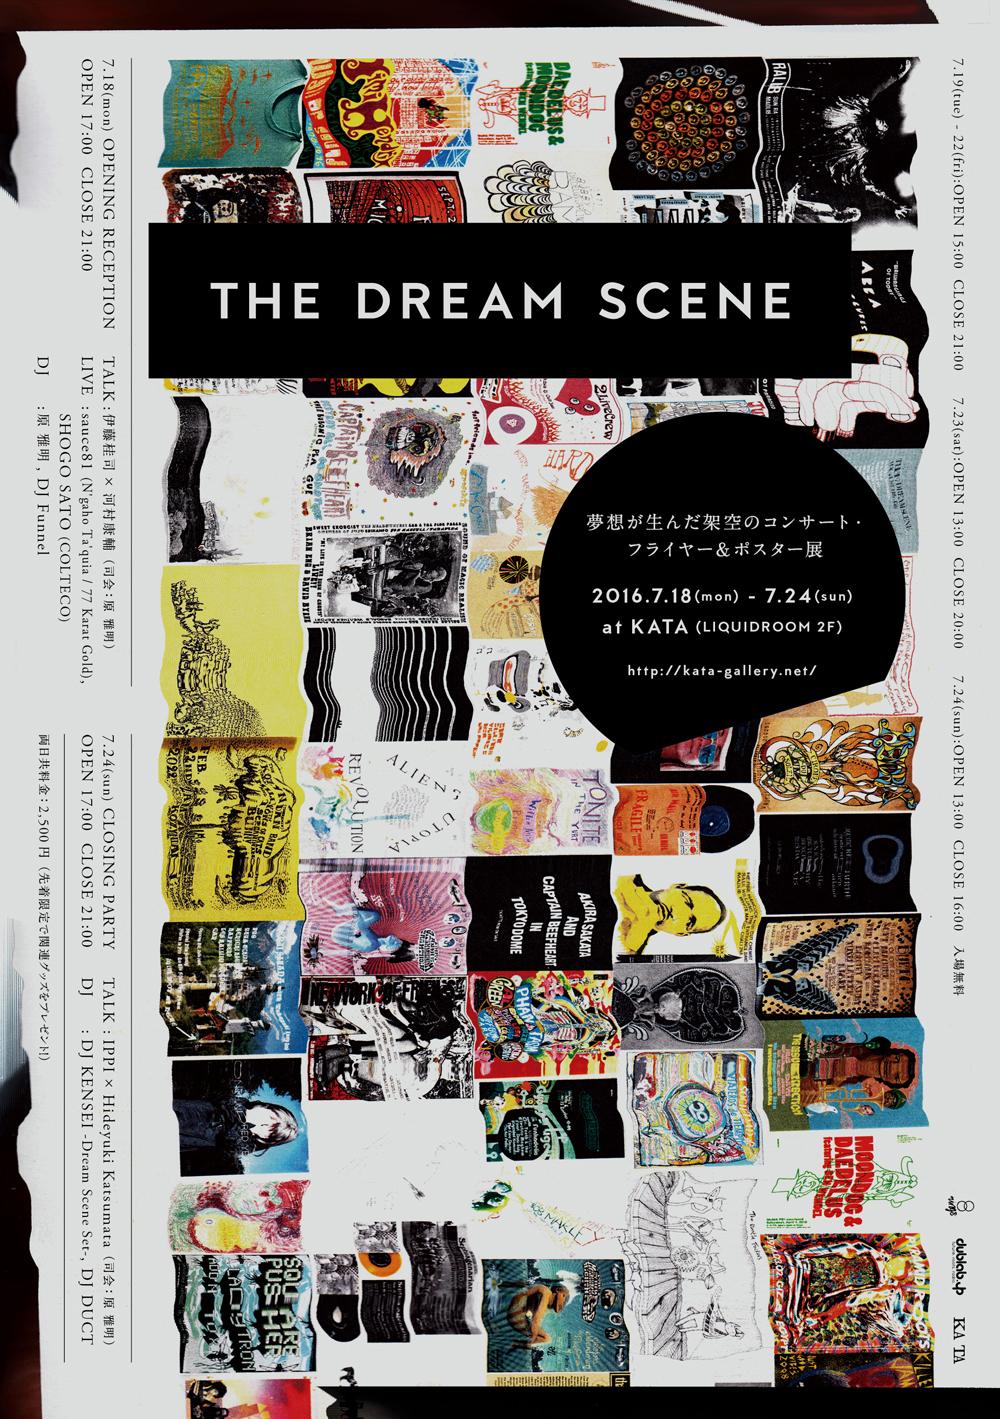 THE DREAM SCENE